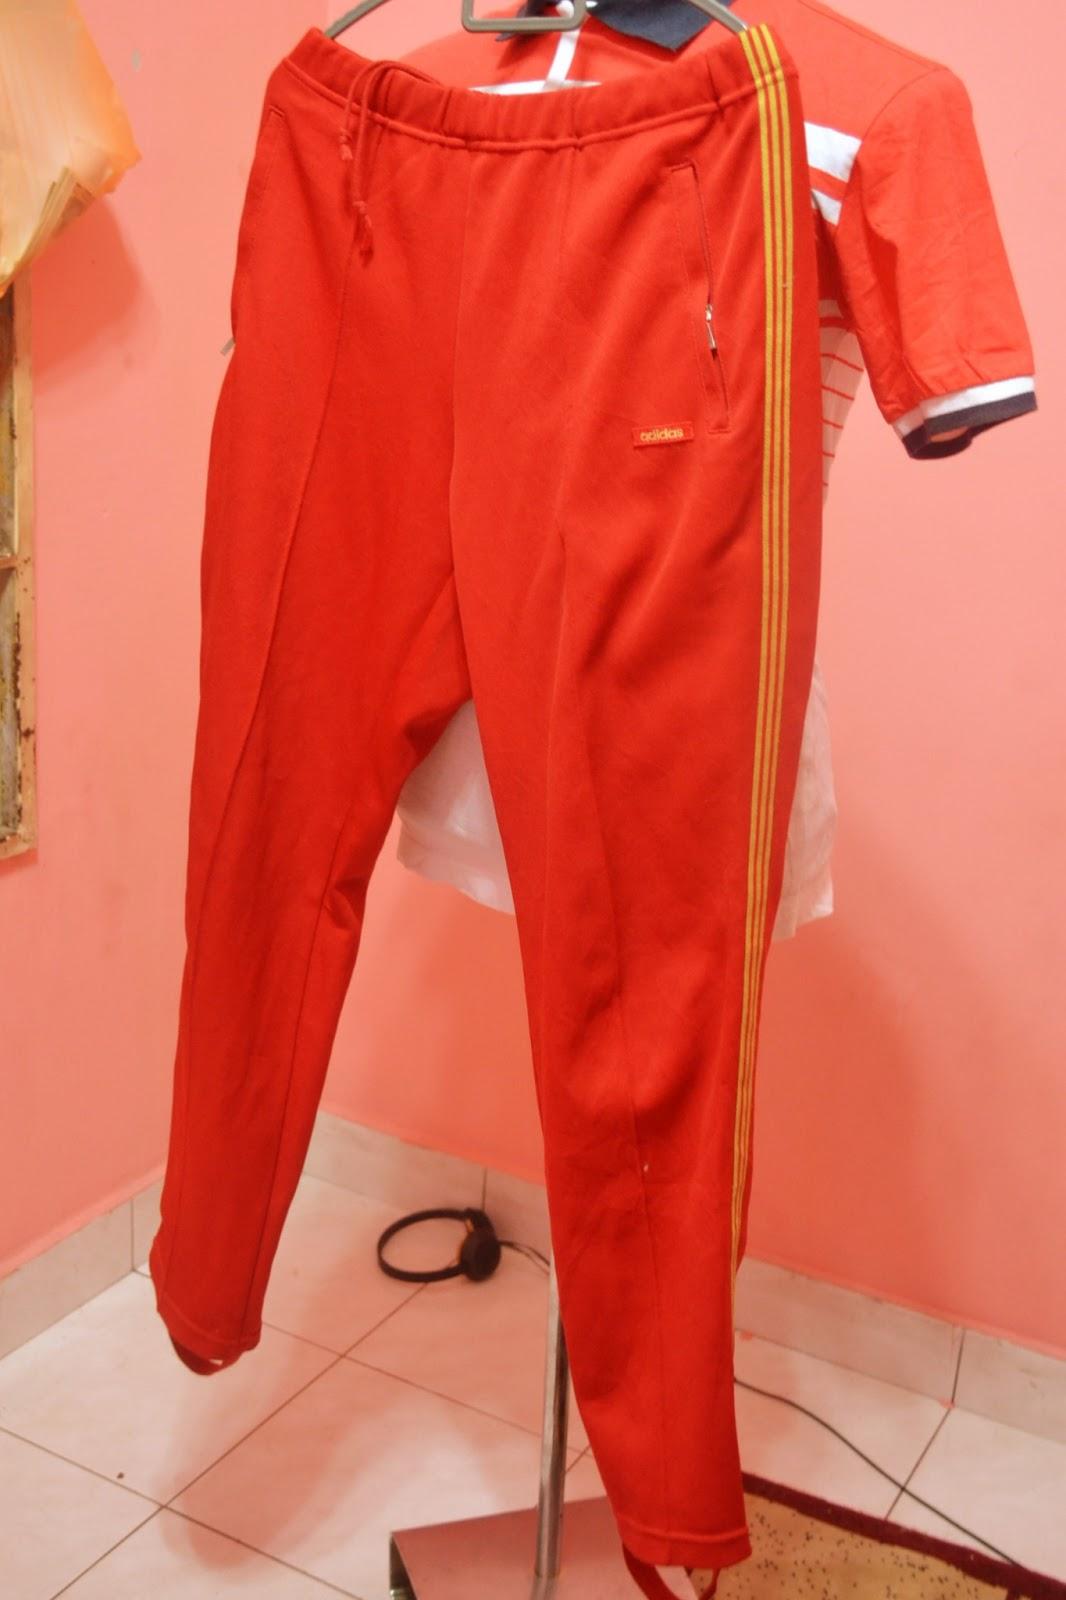 jaket adidas merah - photo #42